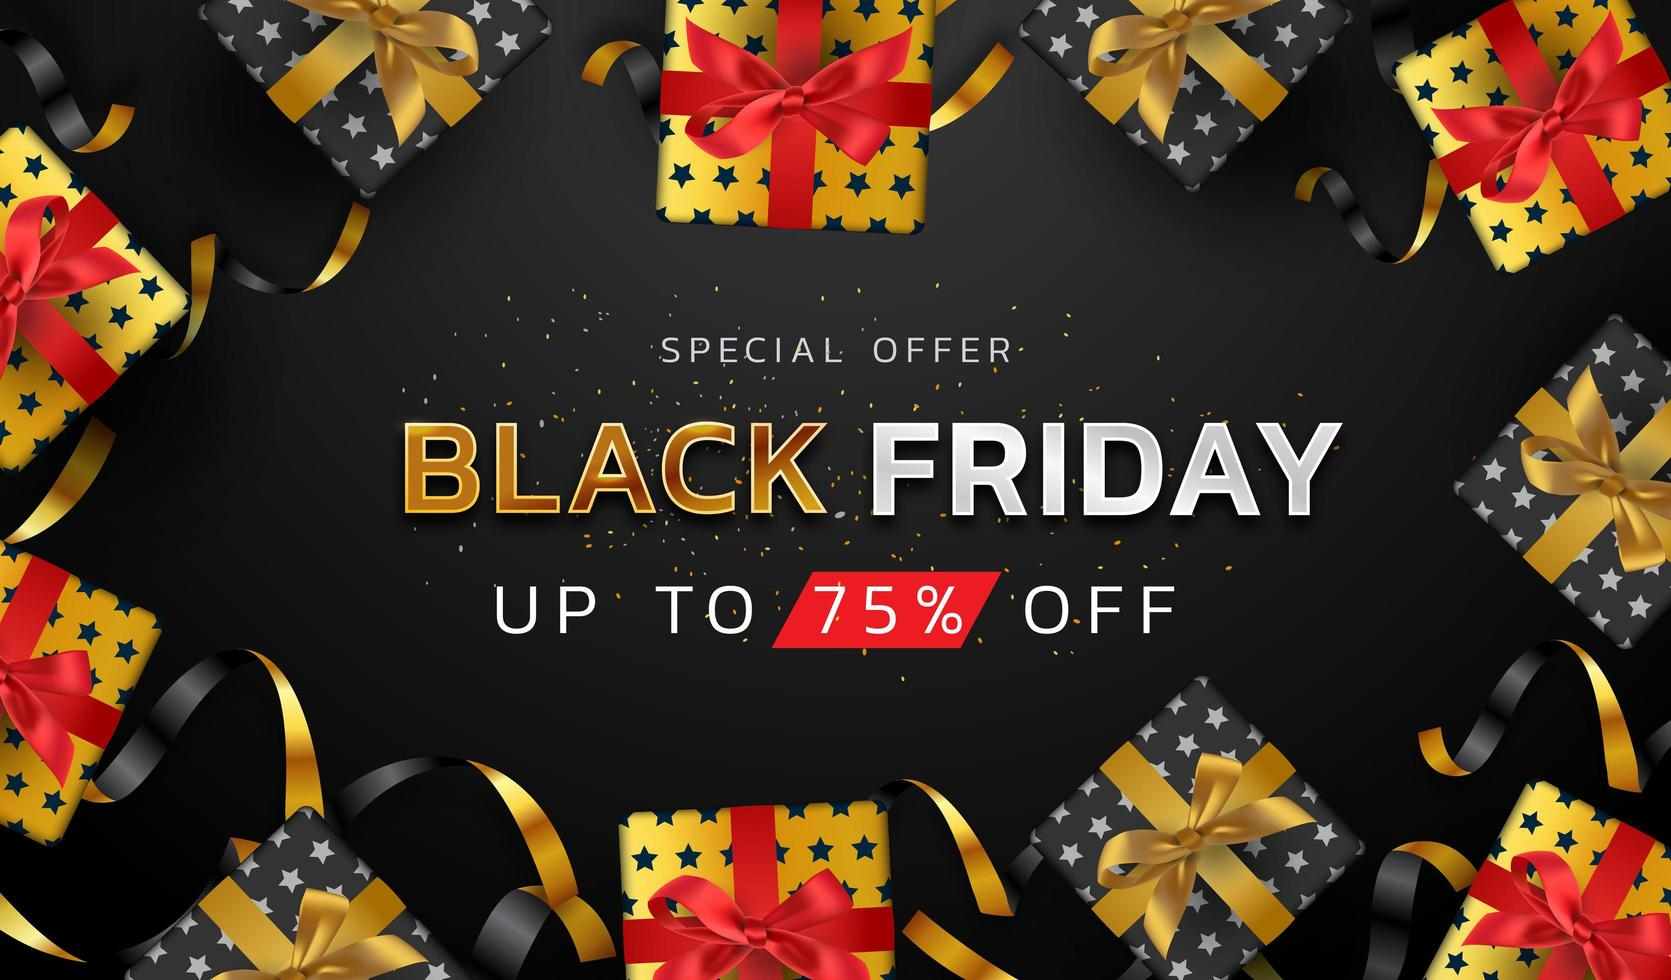 Fondo de viernes negro u promoción de oferta especial banner de venta para carteles comerciales y publicitarios vector